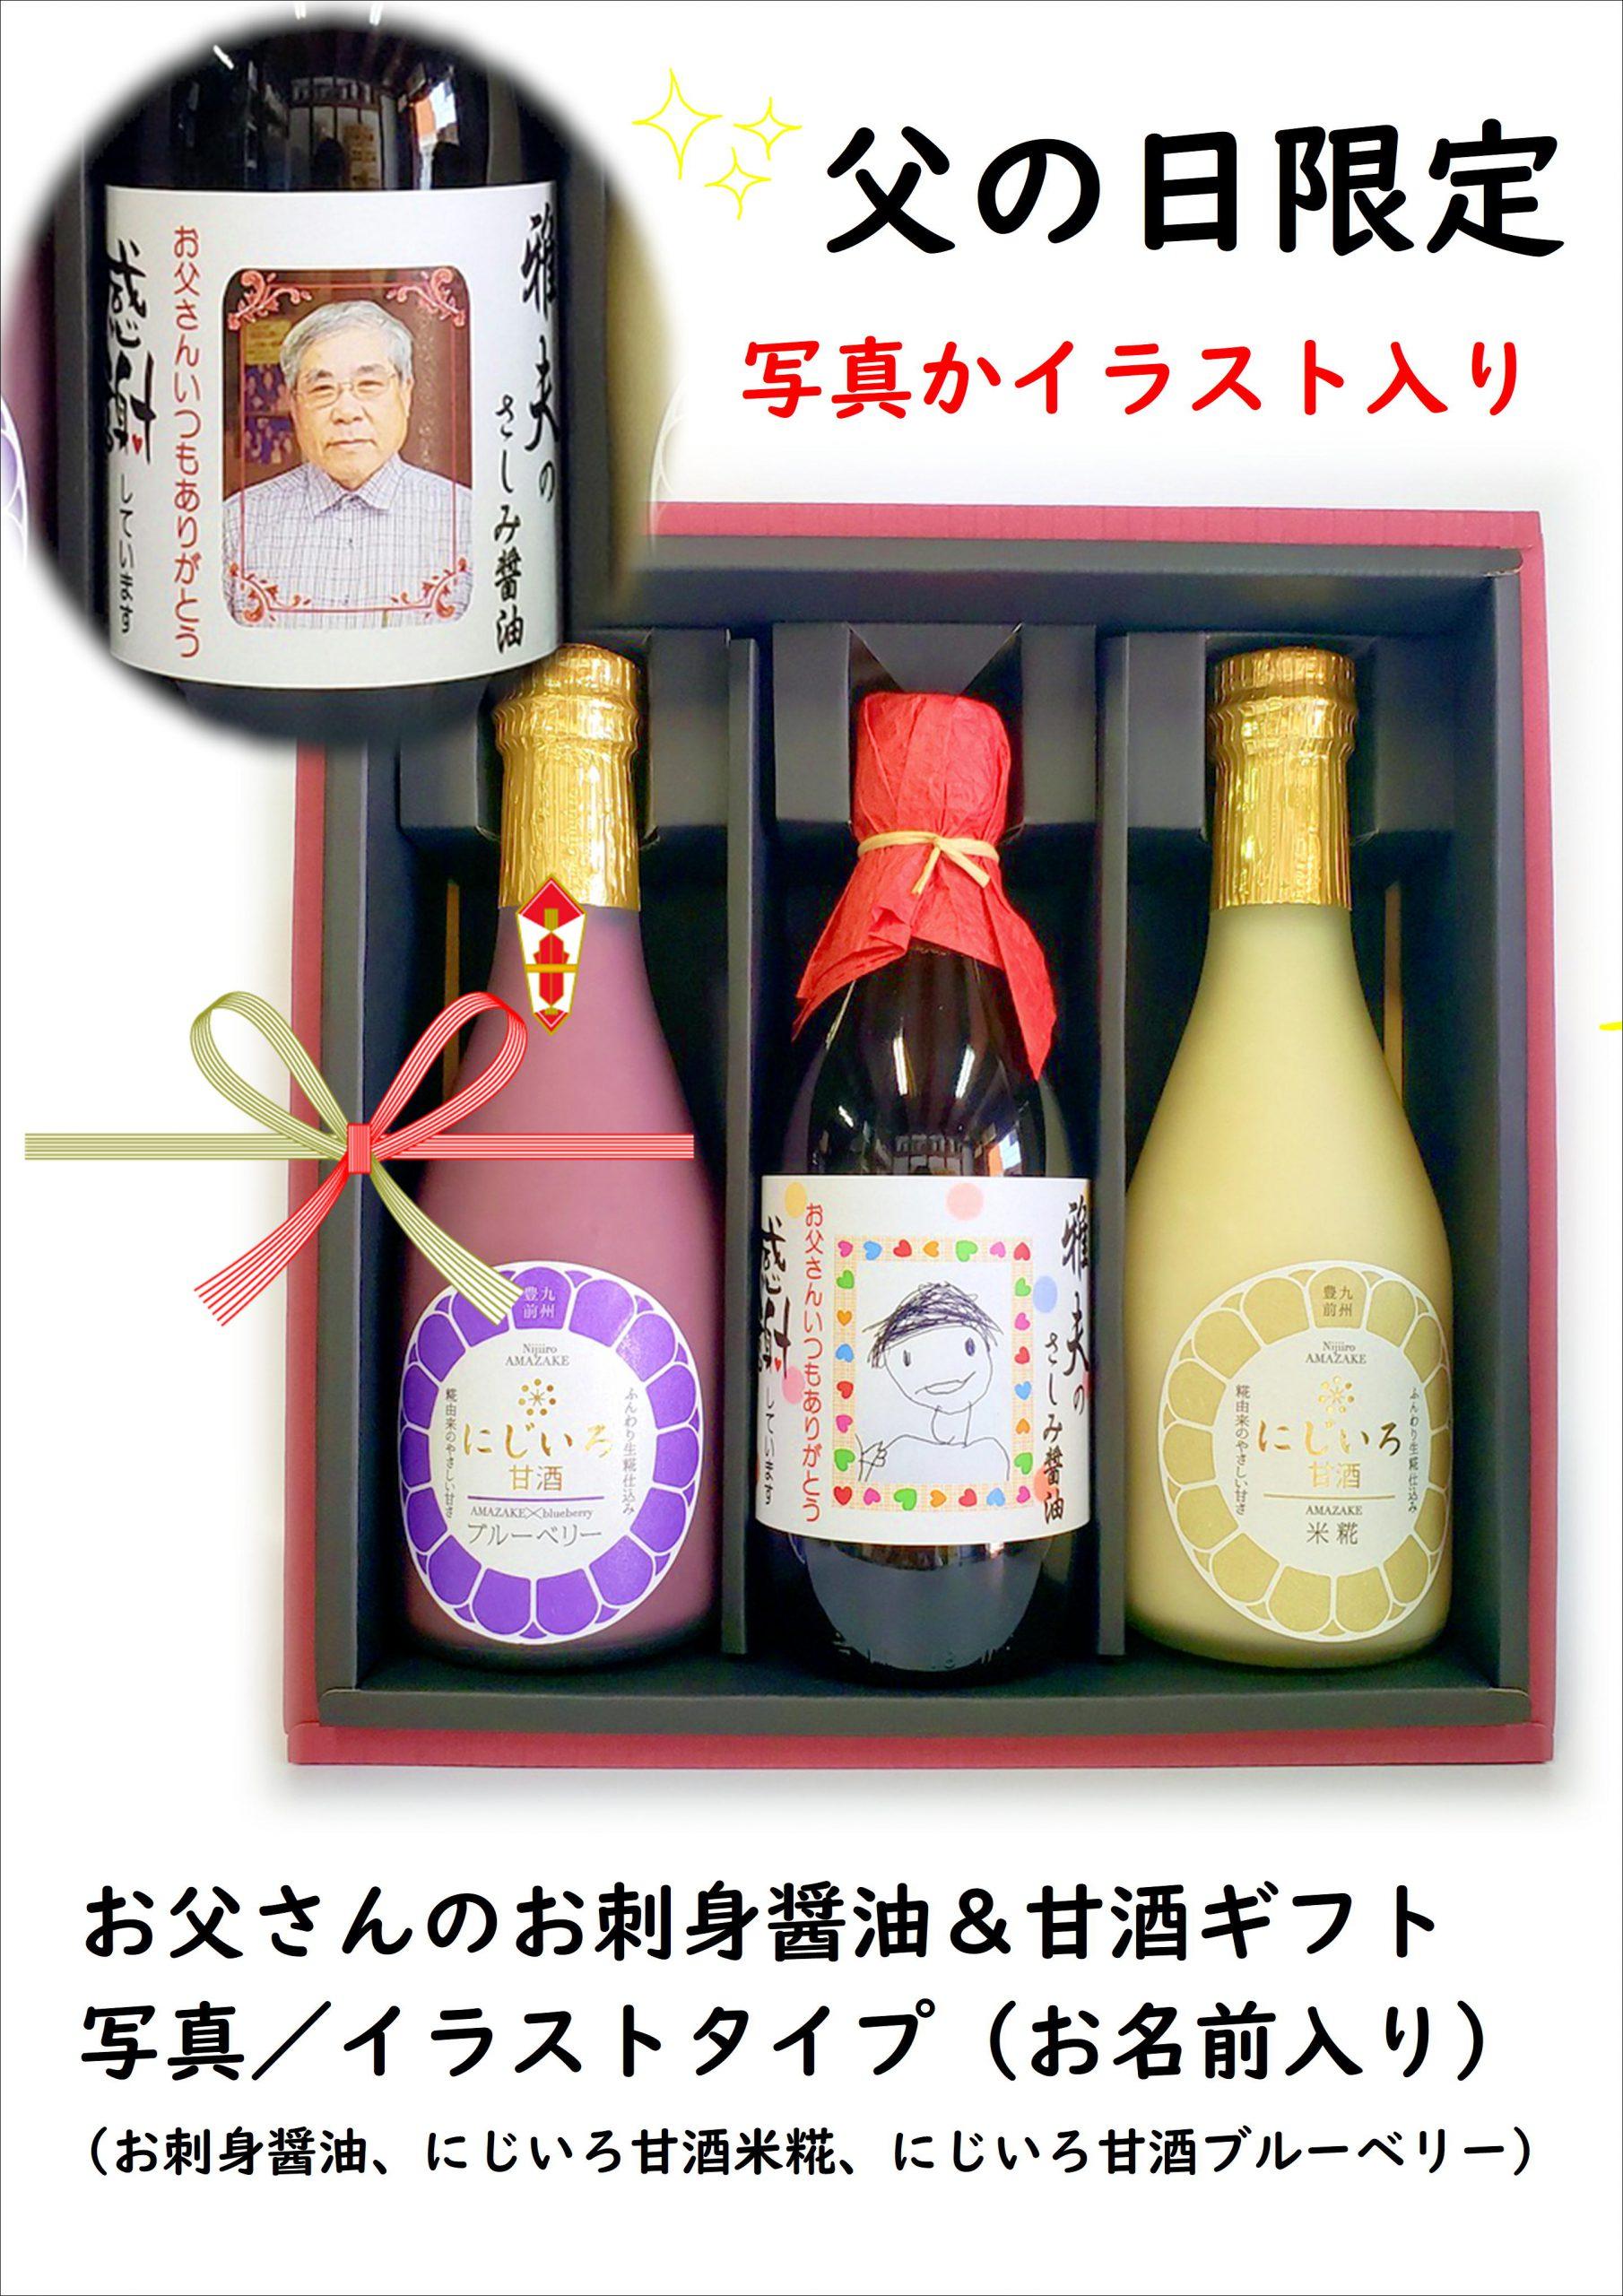 【父の日限定】お父さんのお刺身醤油&甘酒ギフト(写真/イラストタイプ・名前入り)